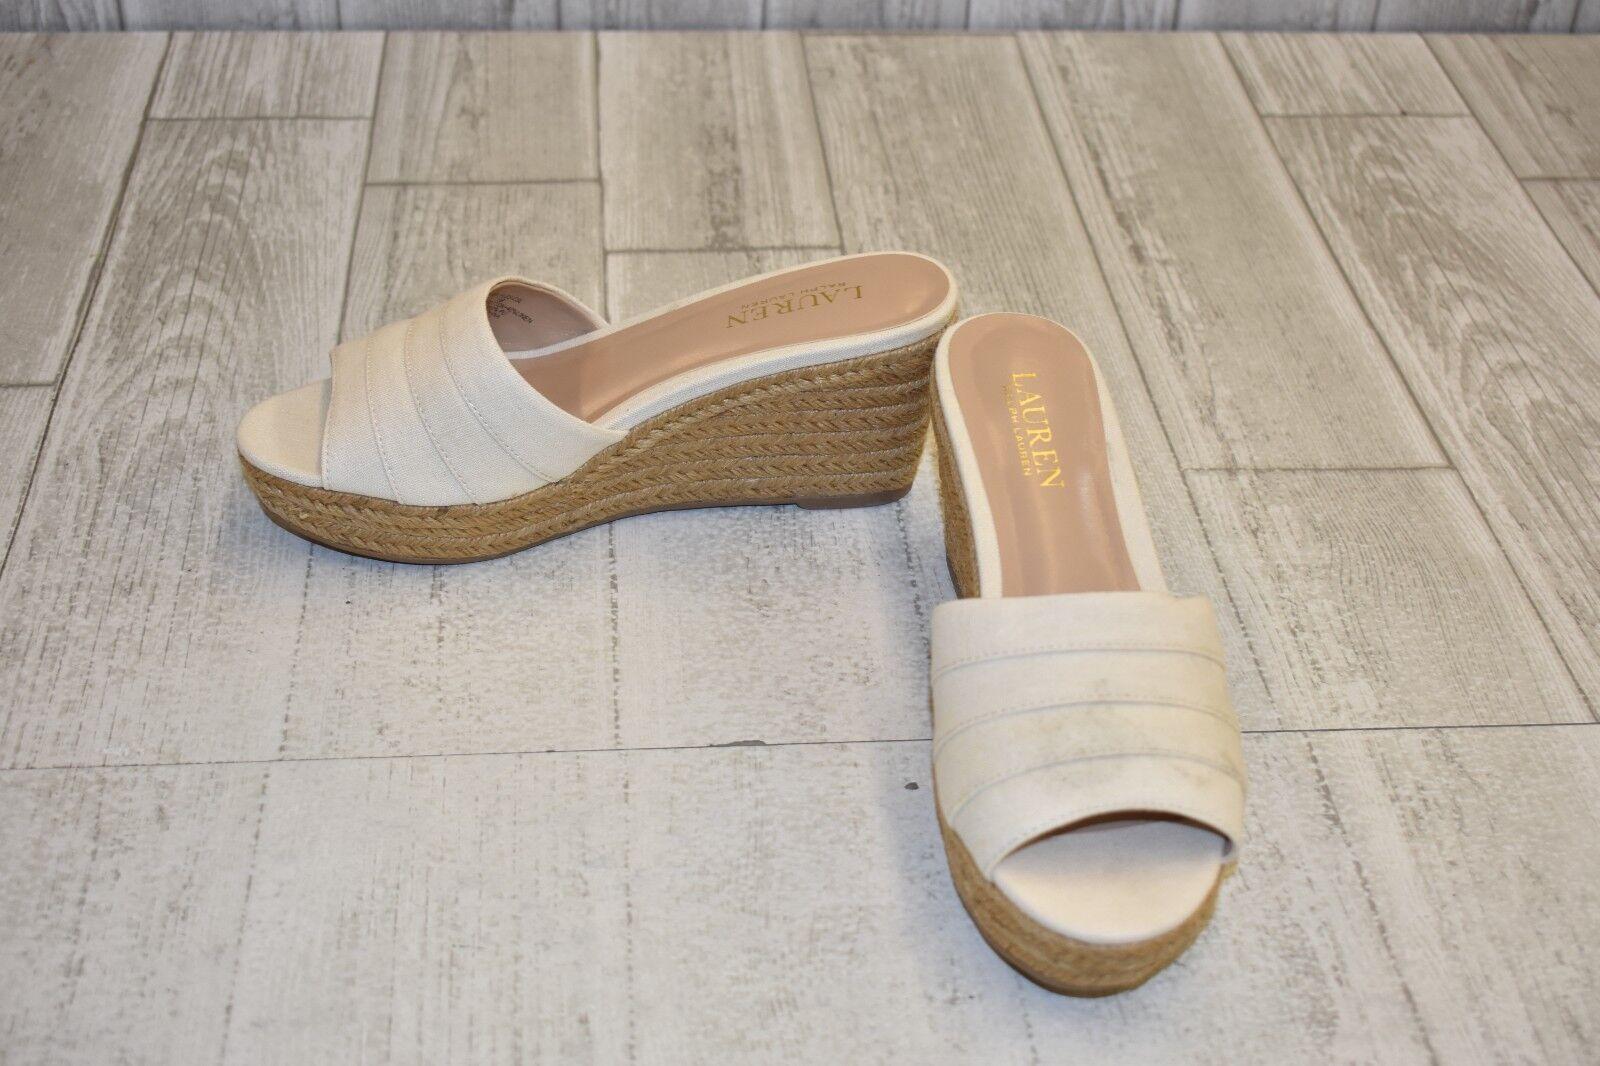 LAUREN Ralph Lauren Karlia Sandals - Women's Size 7.5 B - Cream